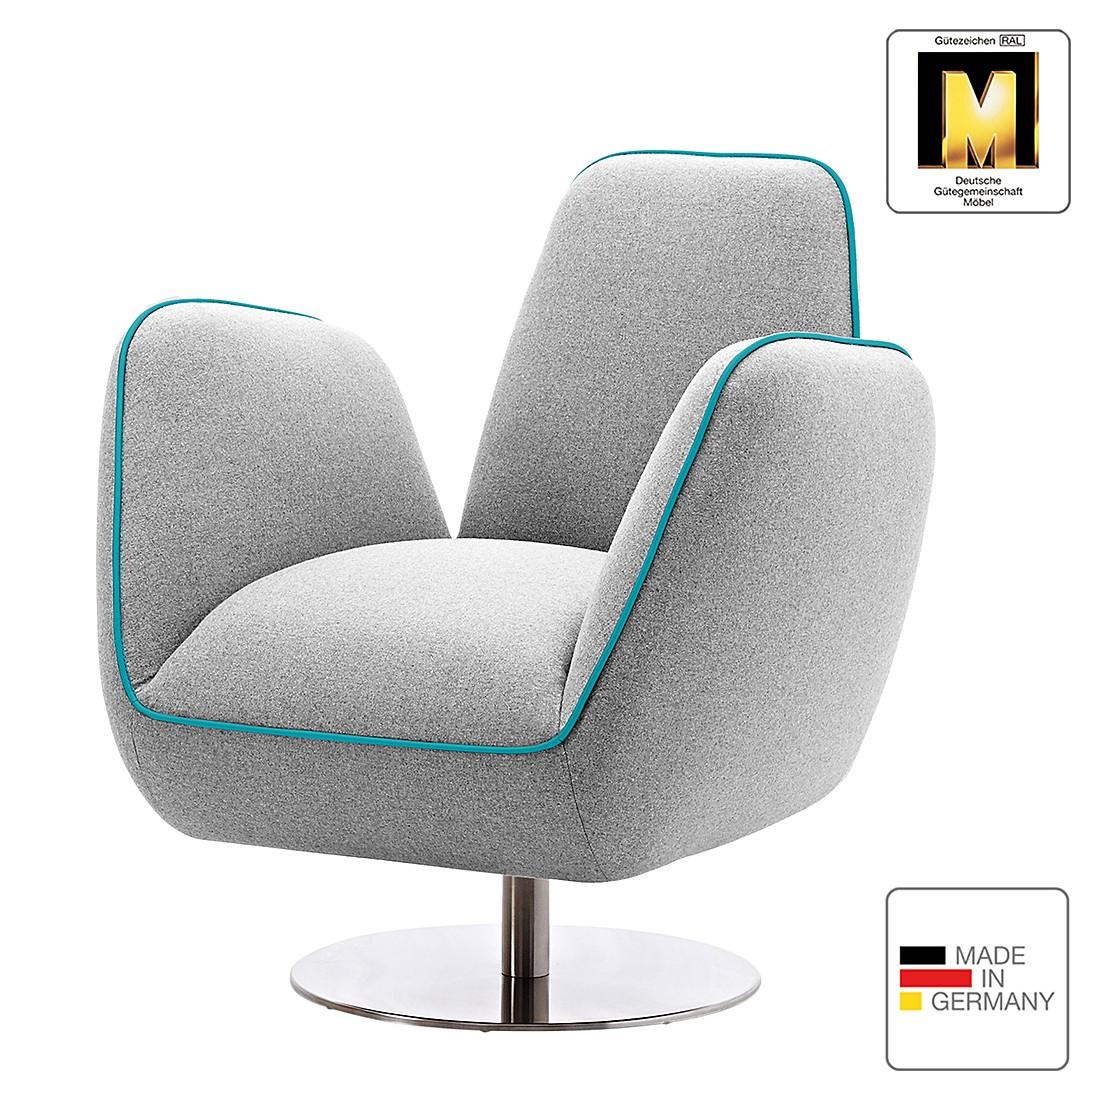 Stühle online günstig kaufen über shop24.at | shop24